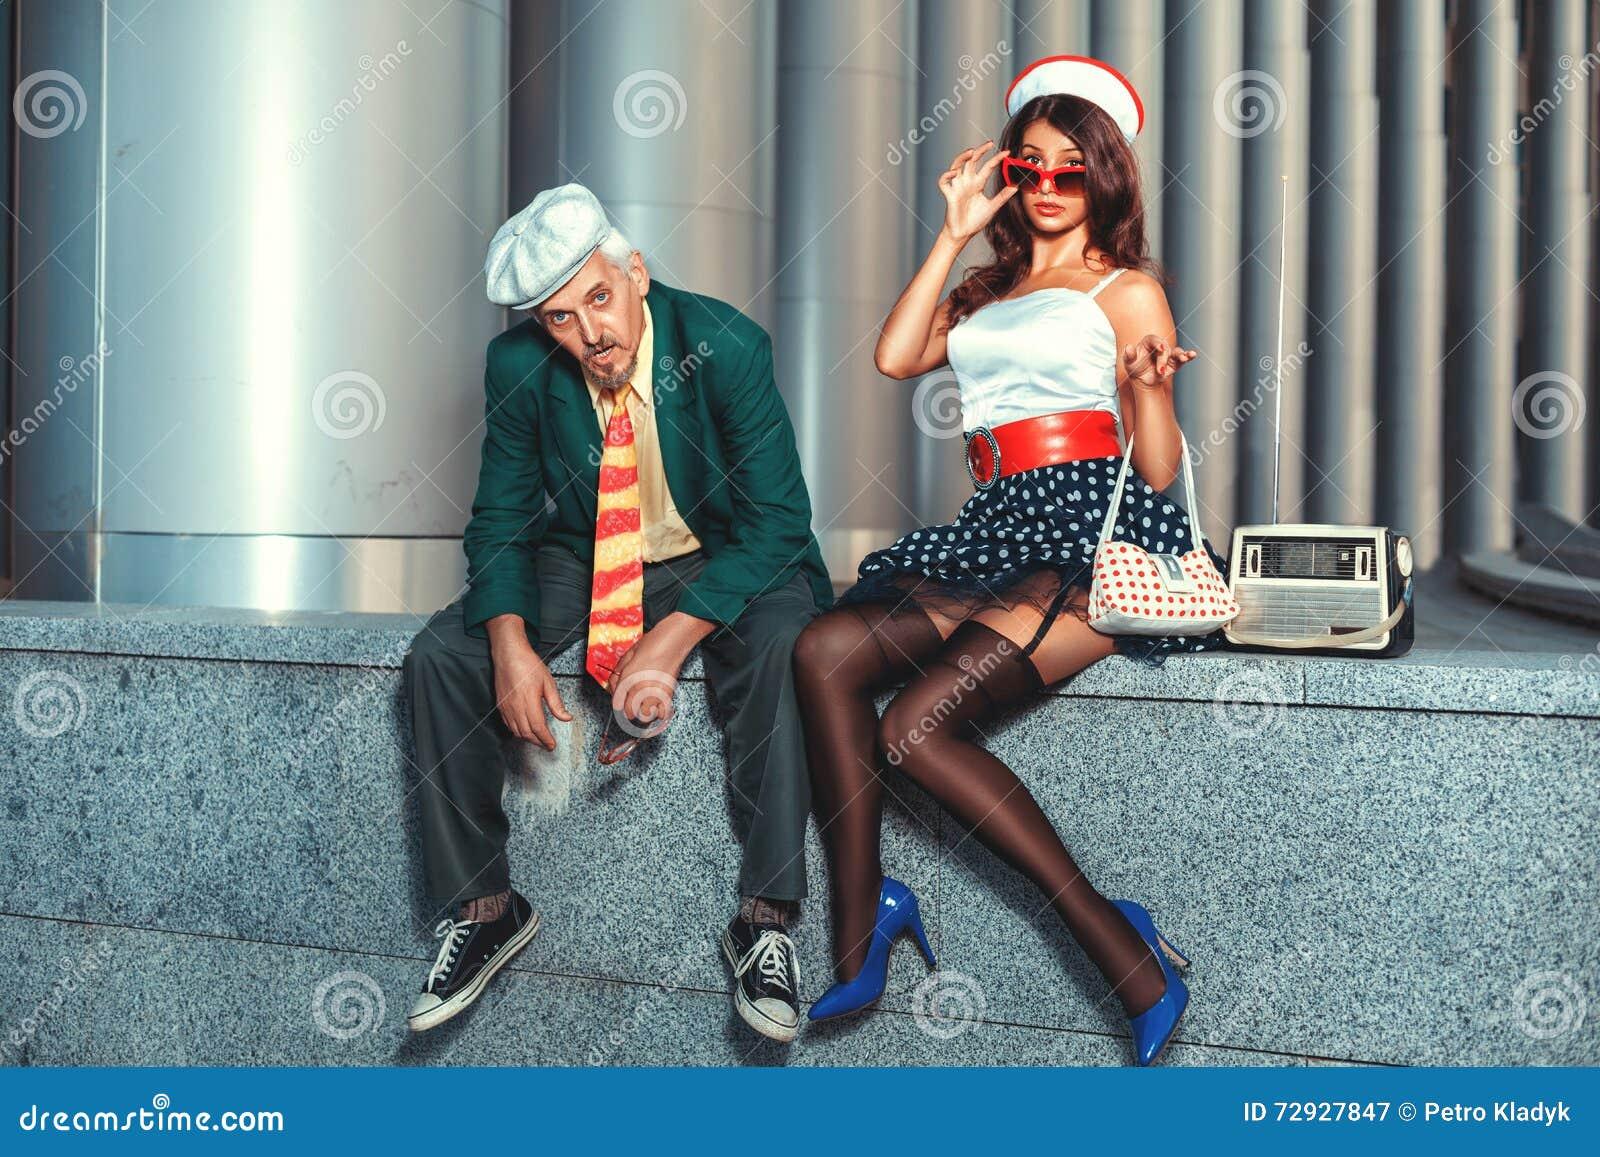 Старик и женщина фото блондинка отсасывает